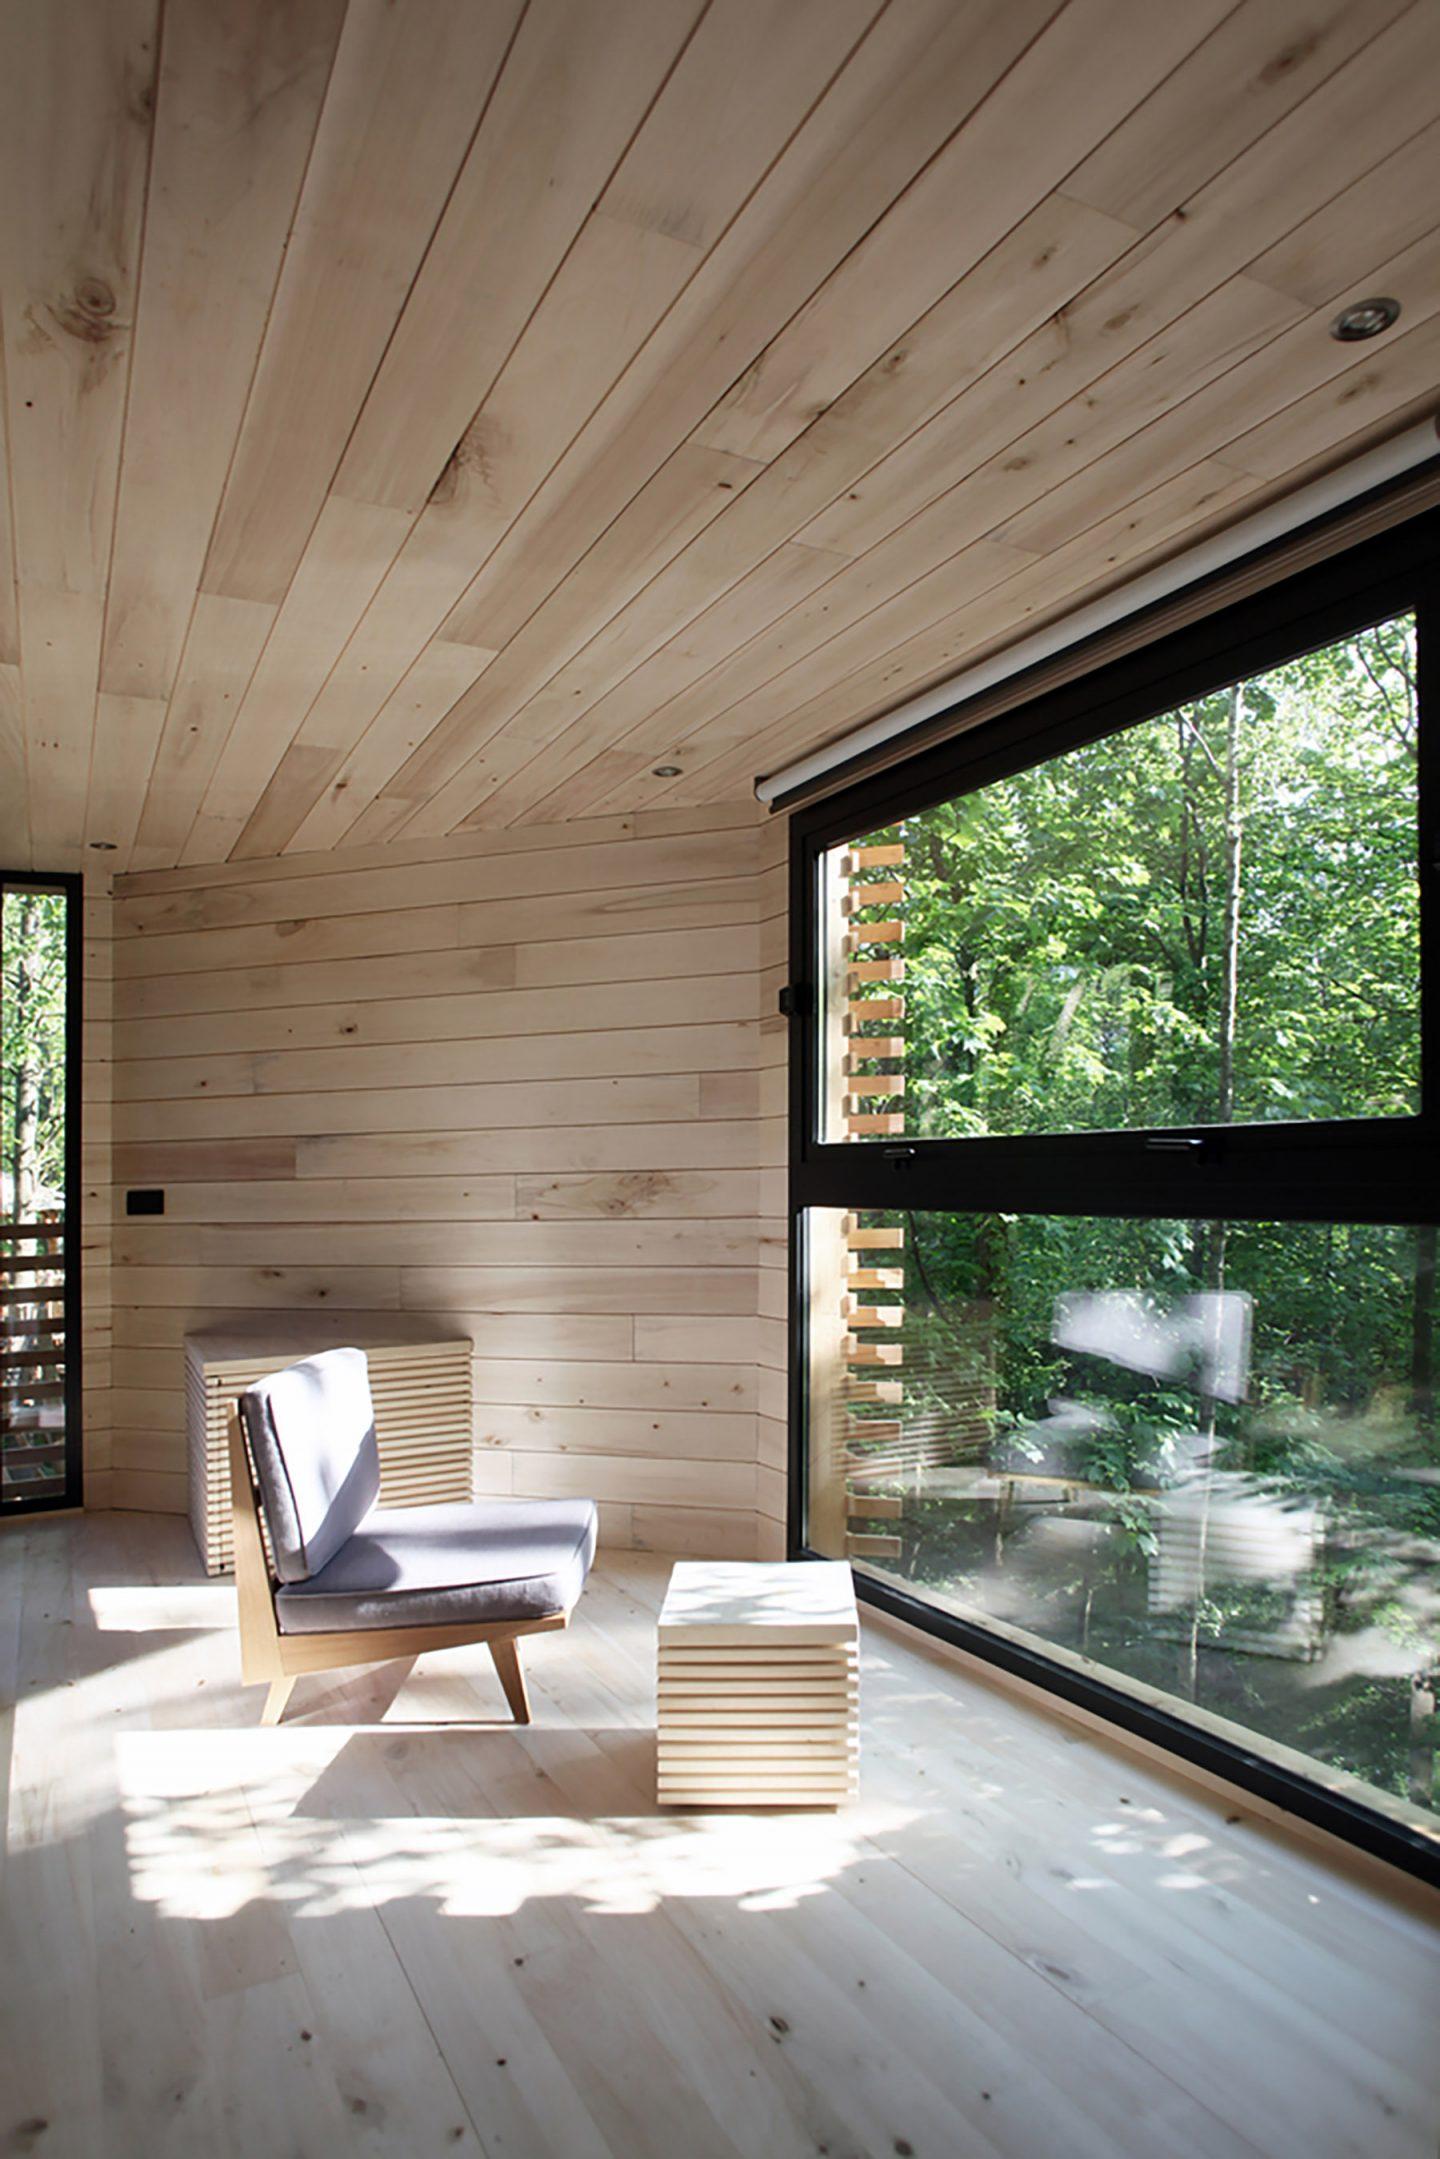 iGNANT-Architecture-Atelier-Lavit-Origin-Tree-House-005